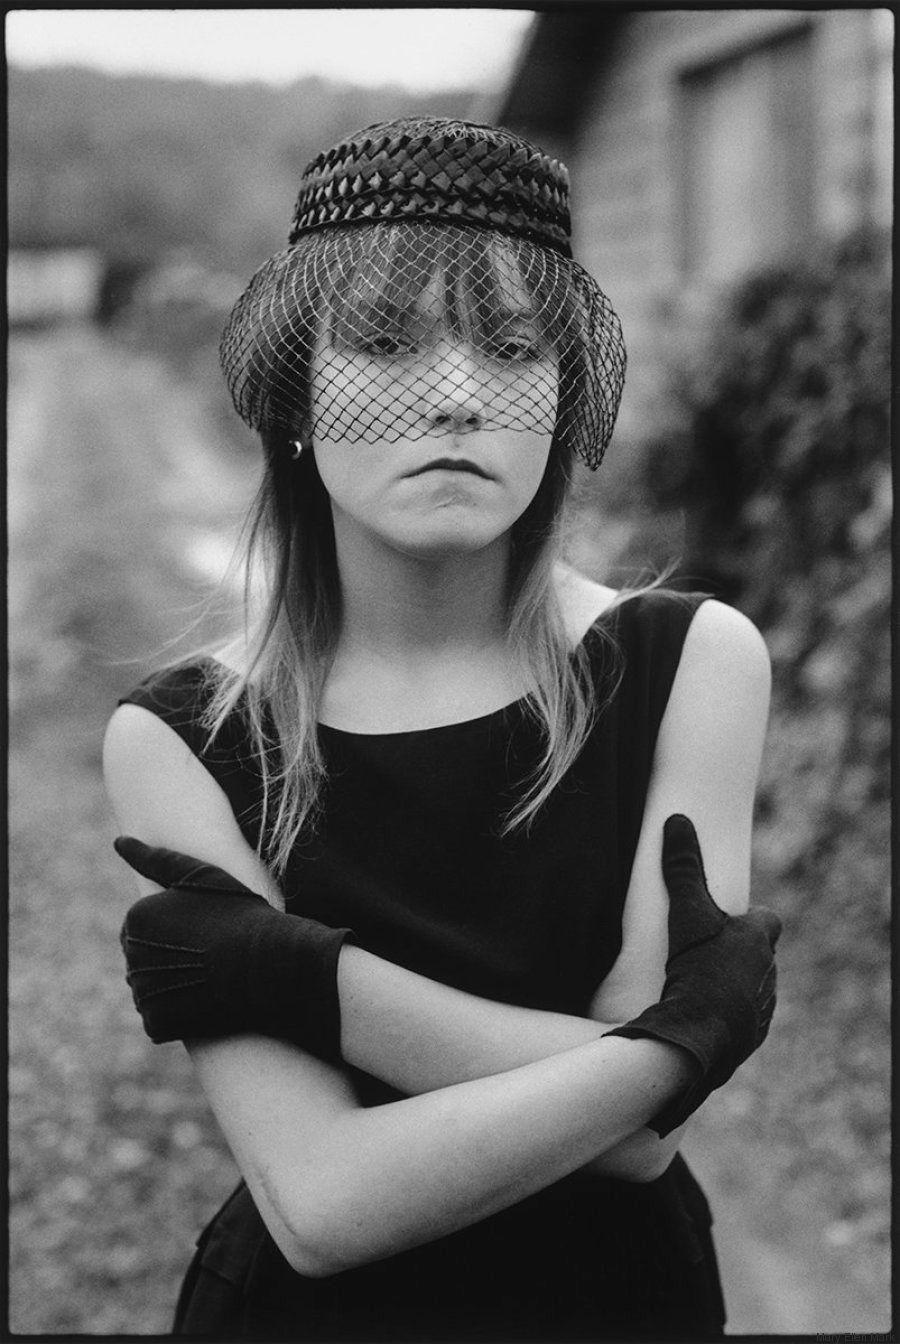 A amizade entre esta menina e uma fotógrafa virou um ensaio tocante sobre